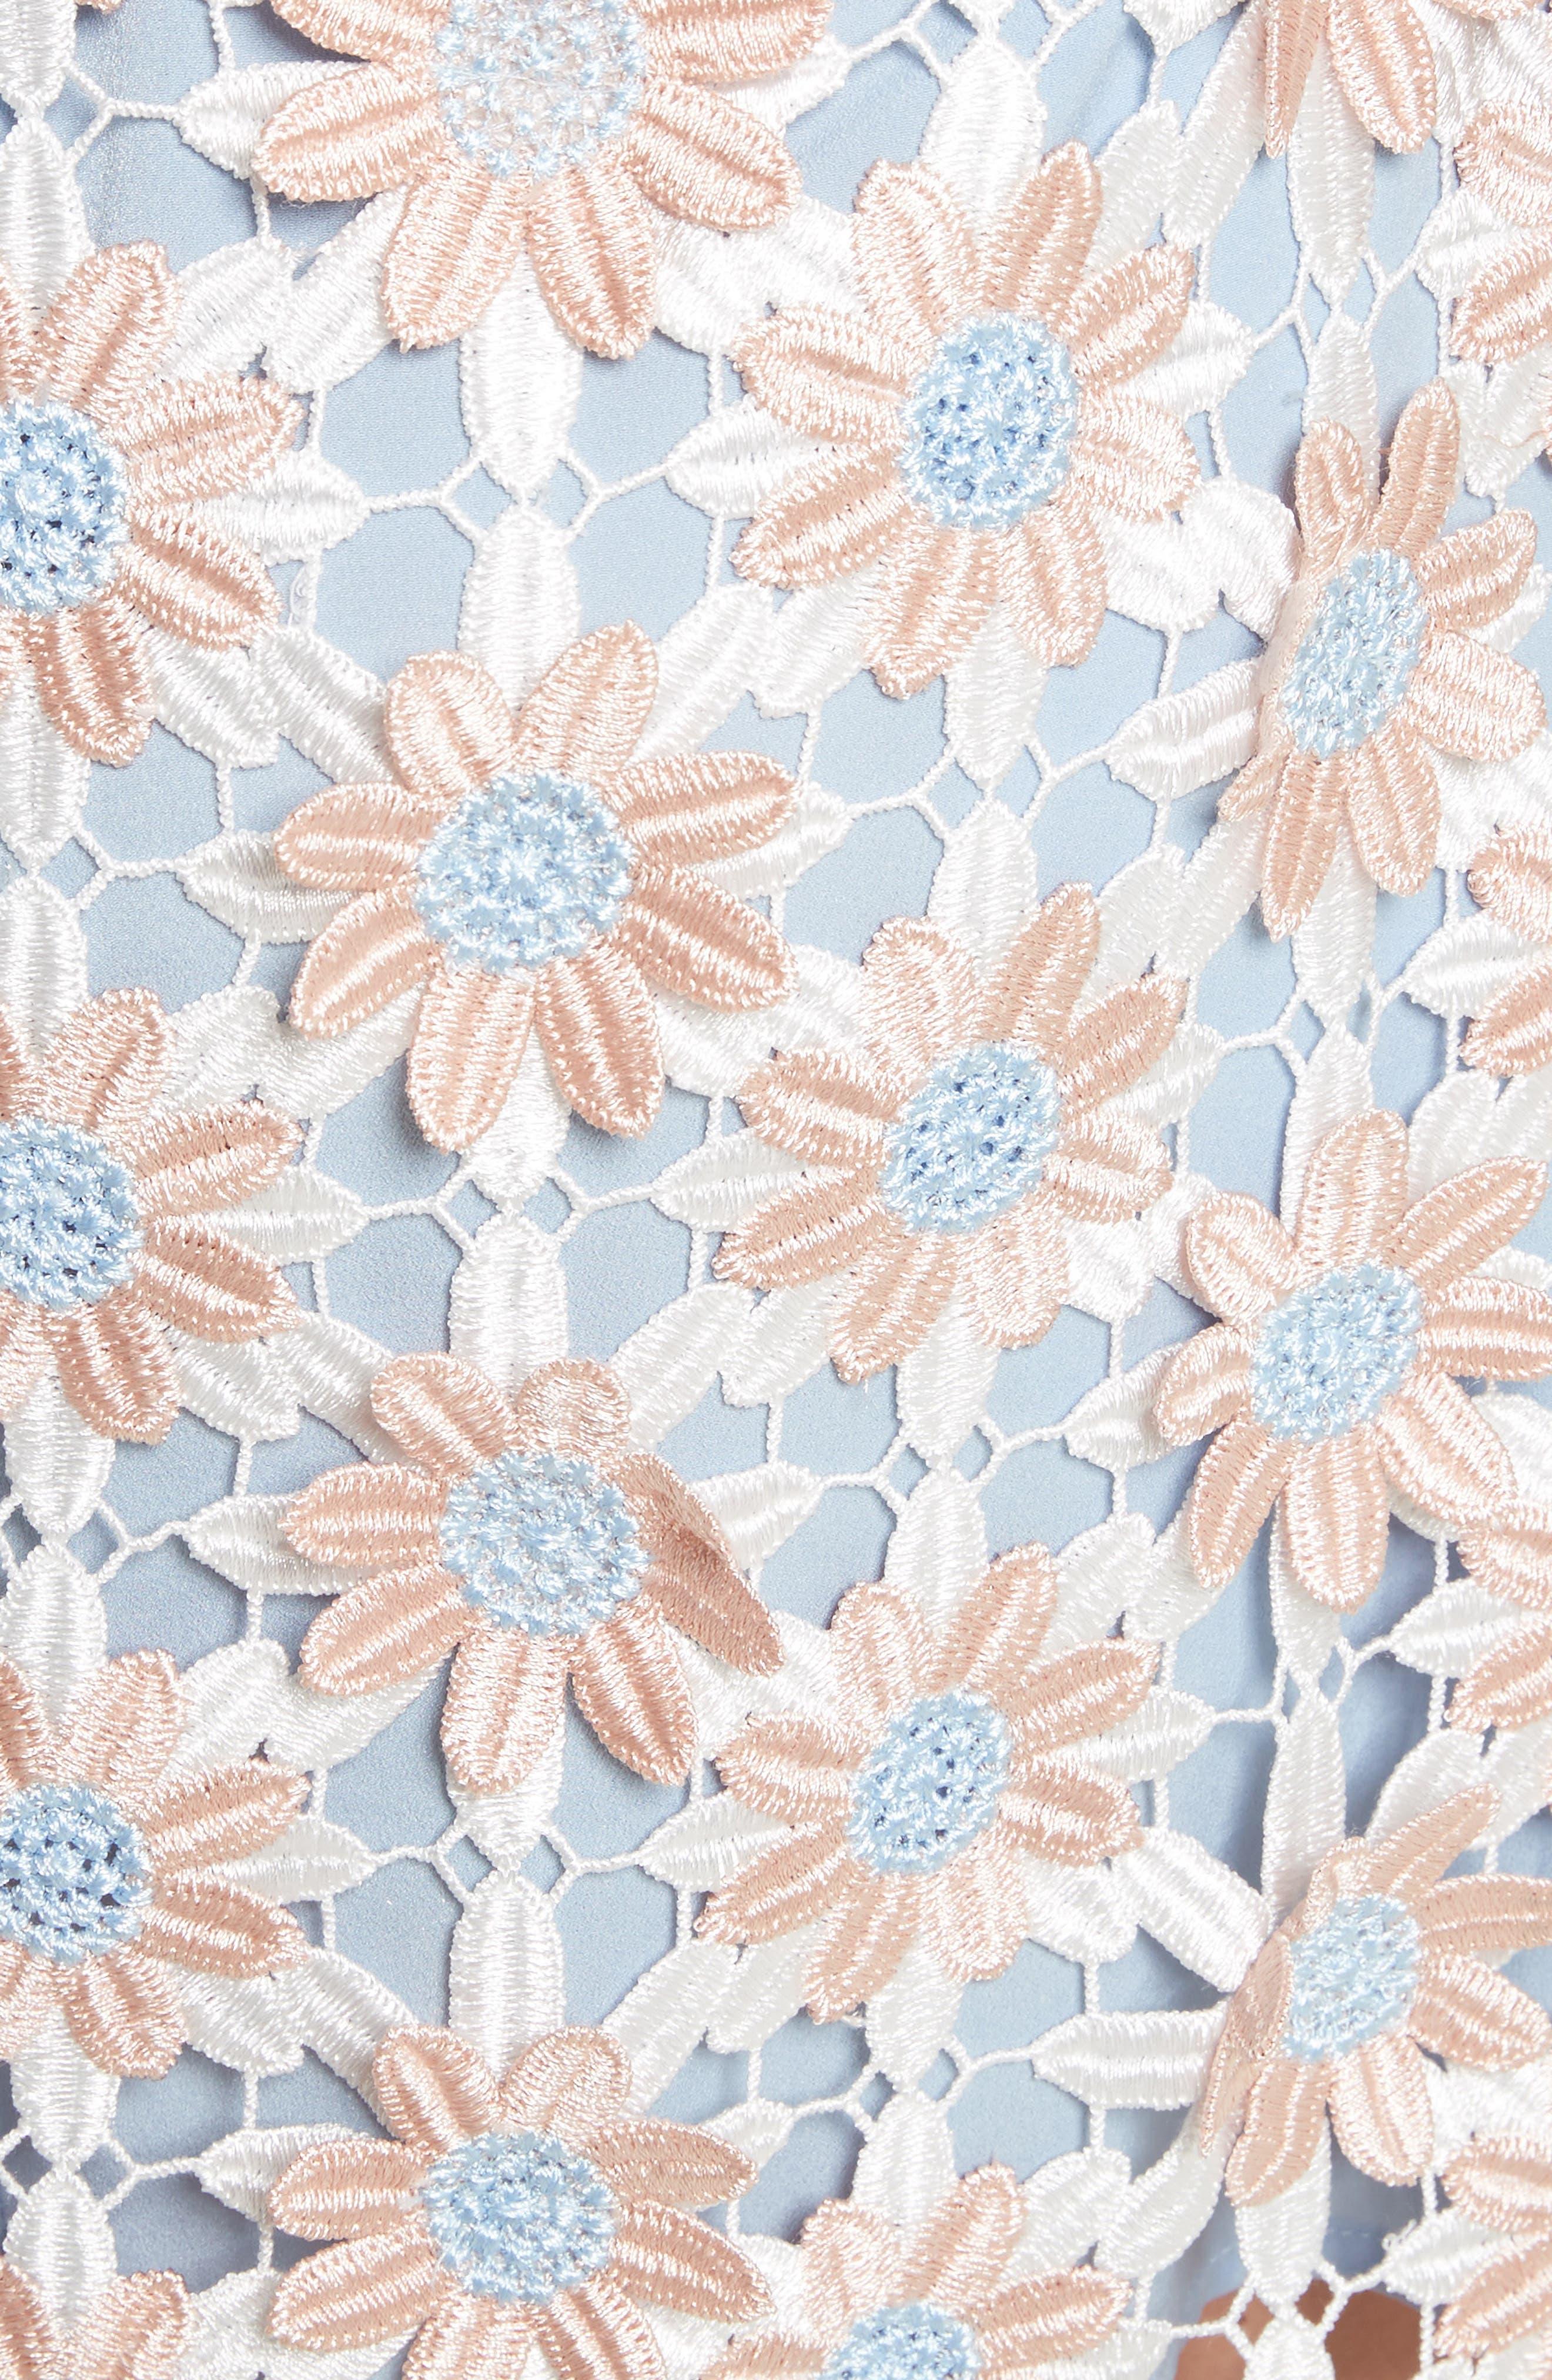 3D Floral Lace Off the Shoulder Midi Dress,                             Alternate thumbnail 5, color,                             650